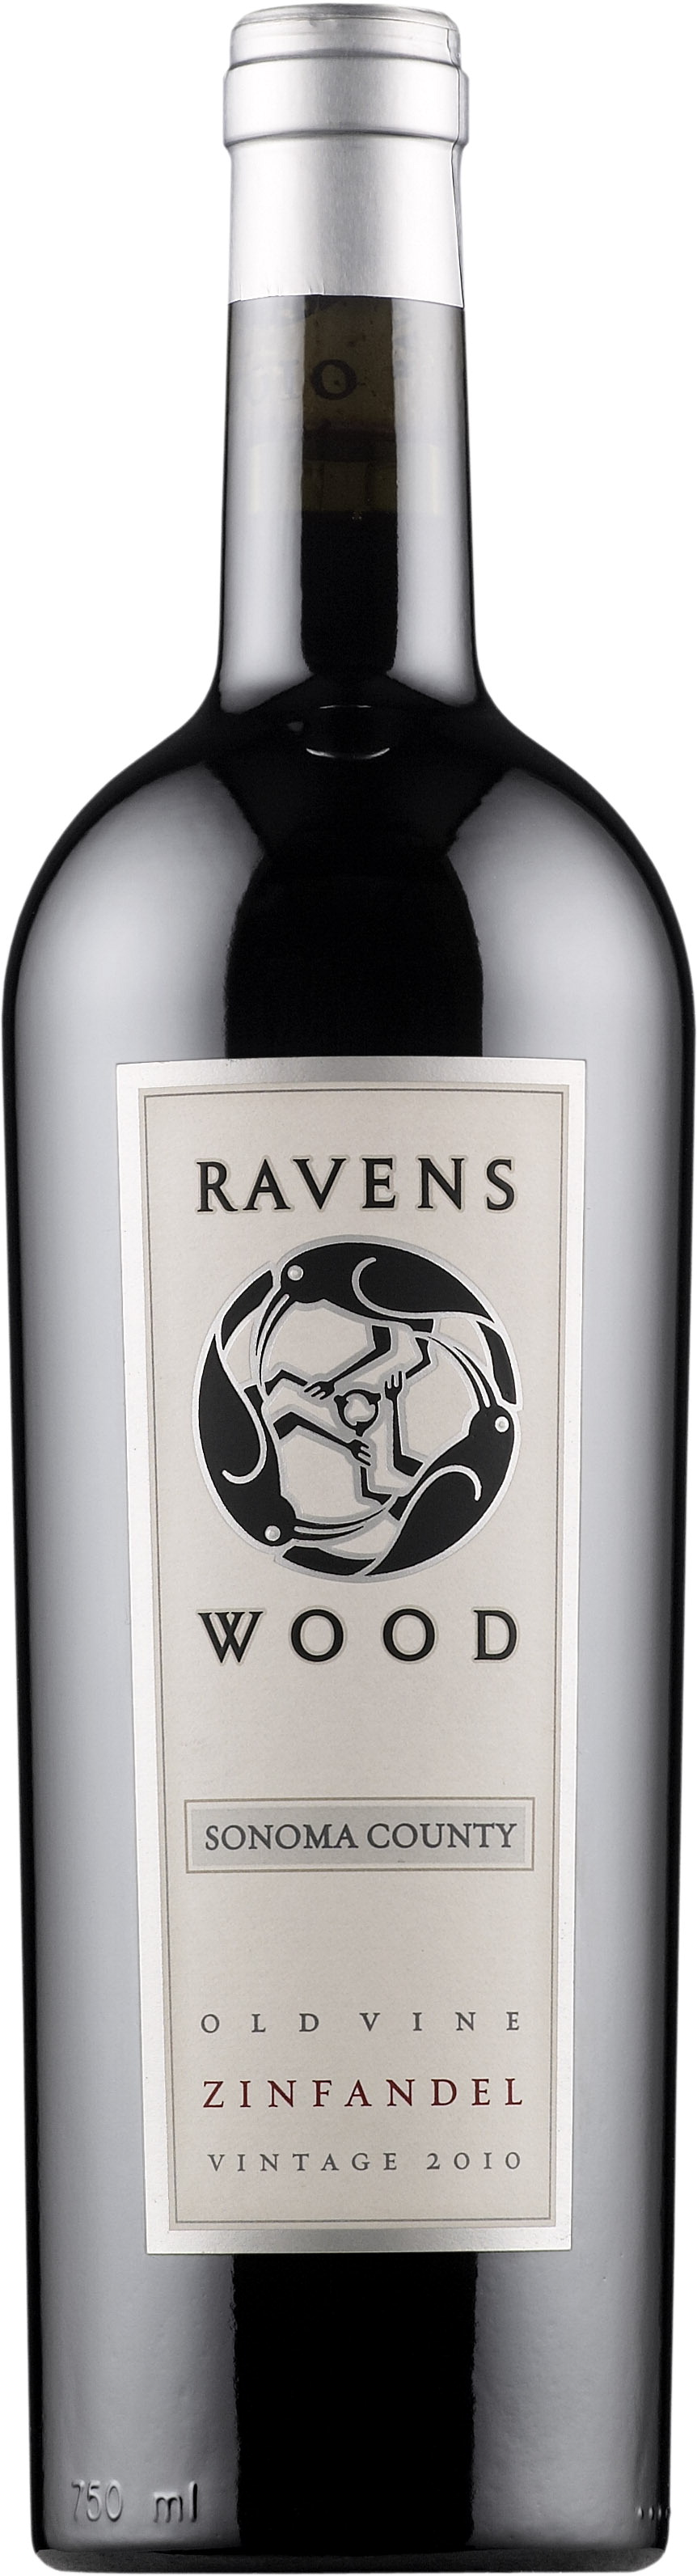 2011-ravenswood-zinfandel